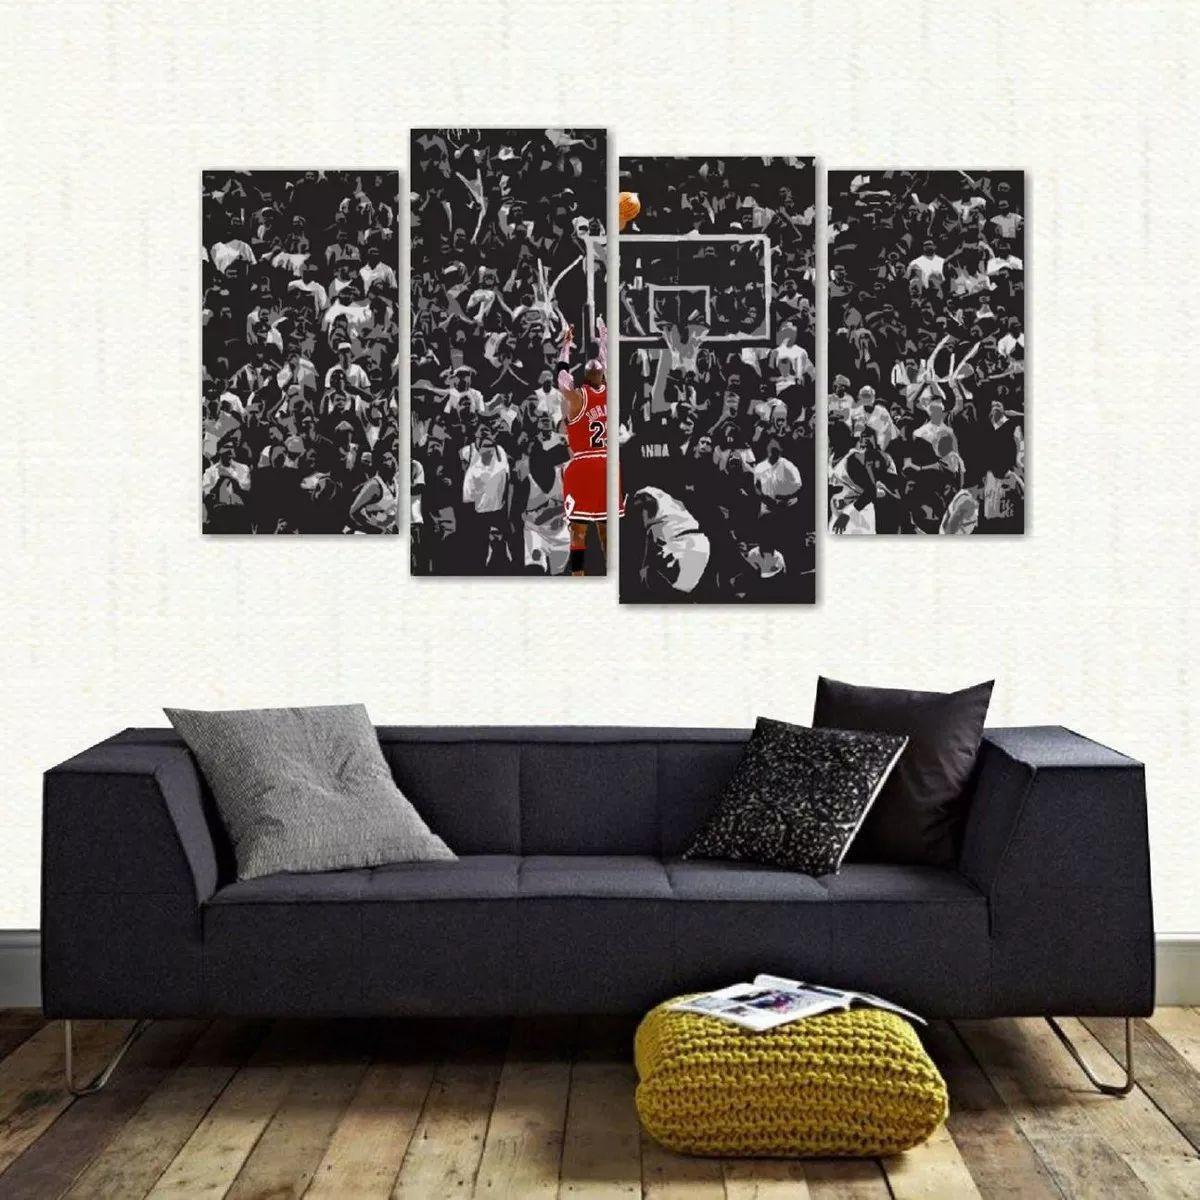 42a1731c711 Quadro Decorativo Michael Jordan Mosaico Em Tecido 4 Peças 1 no Elo7 ...